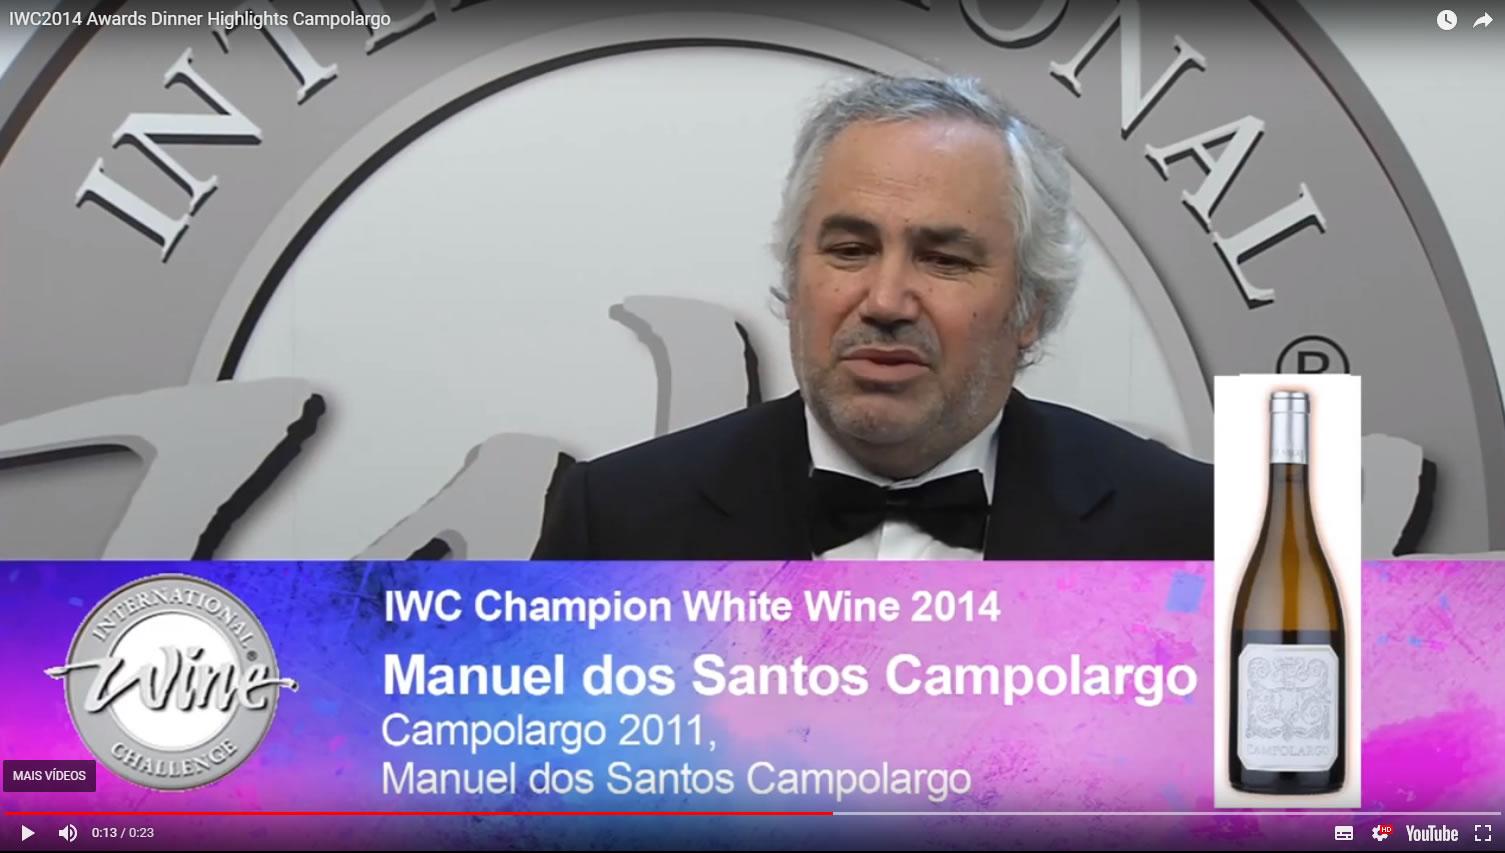 IWC 2014